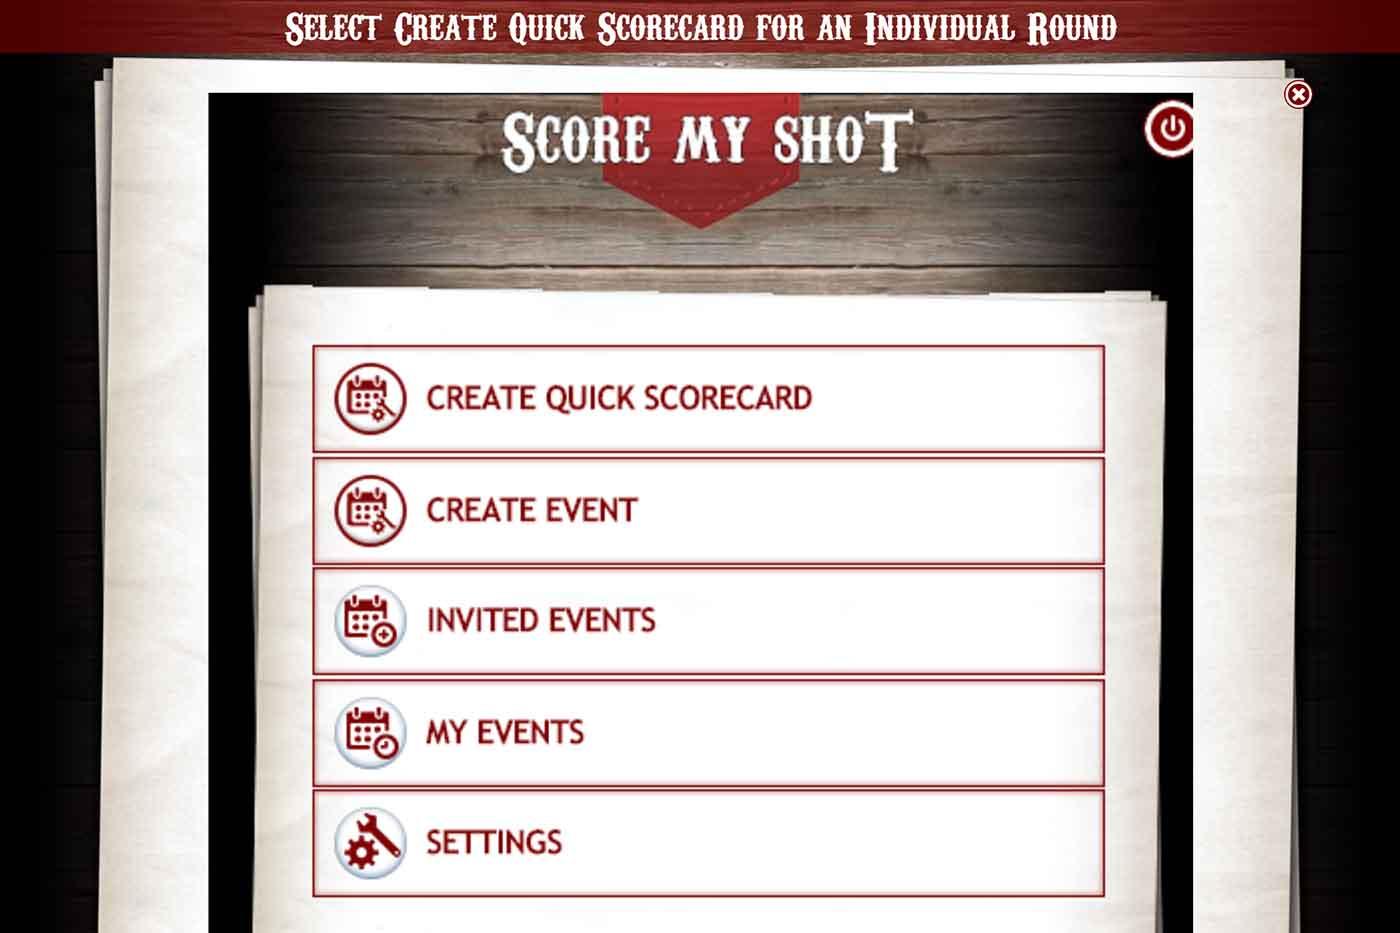 Score My Shot